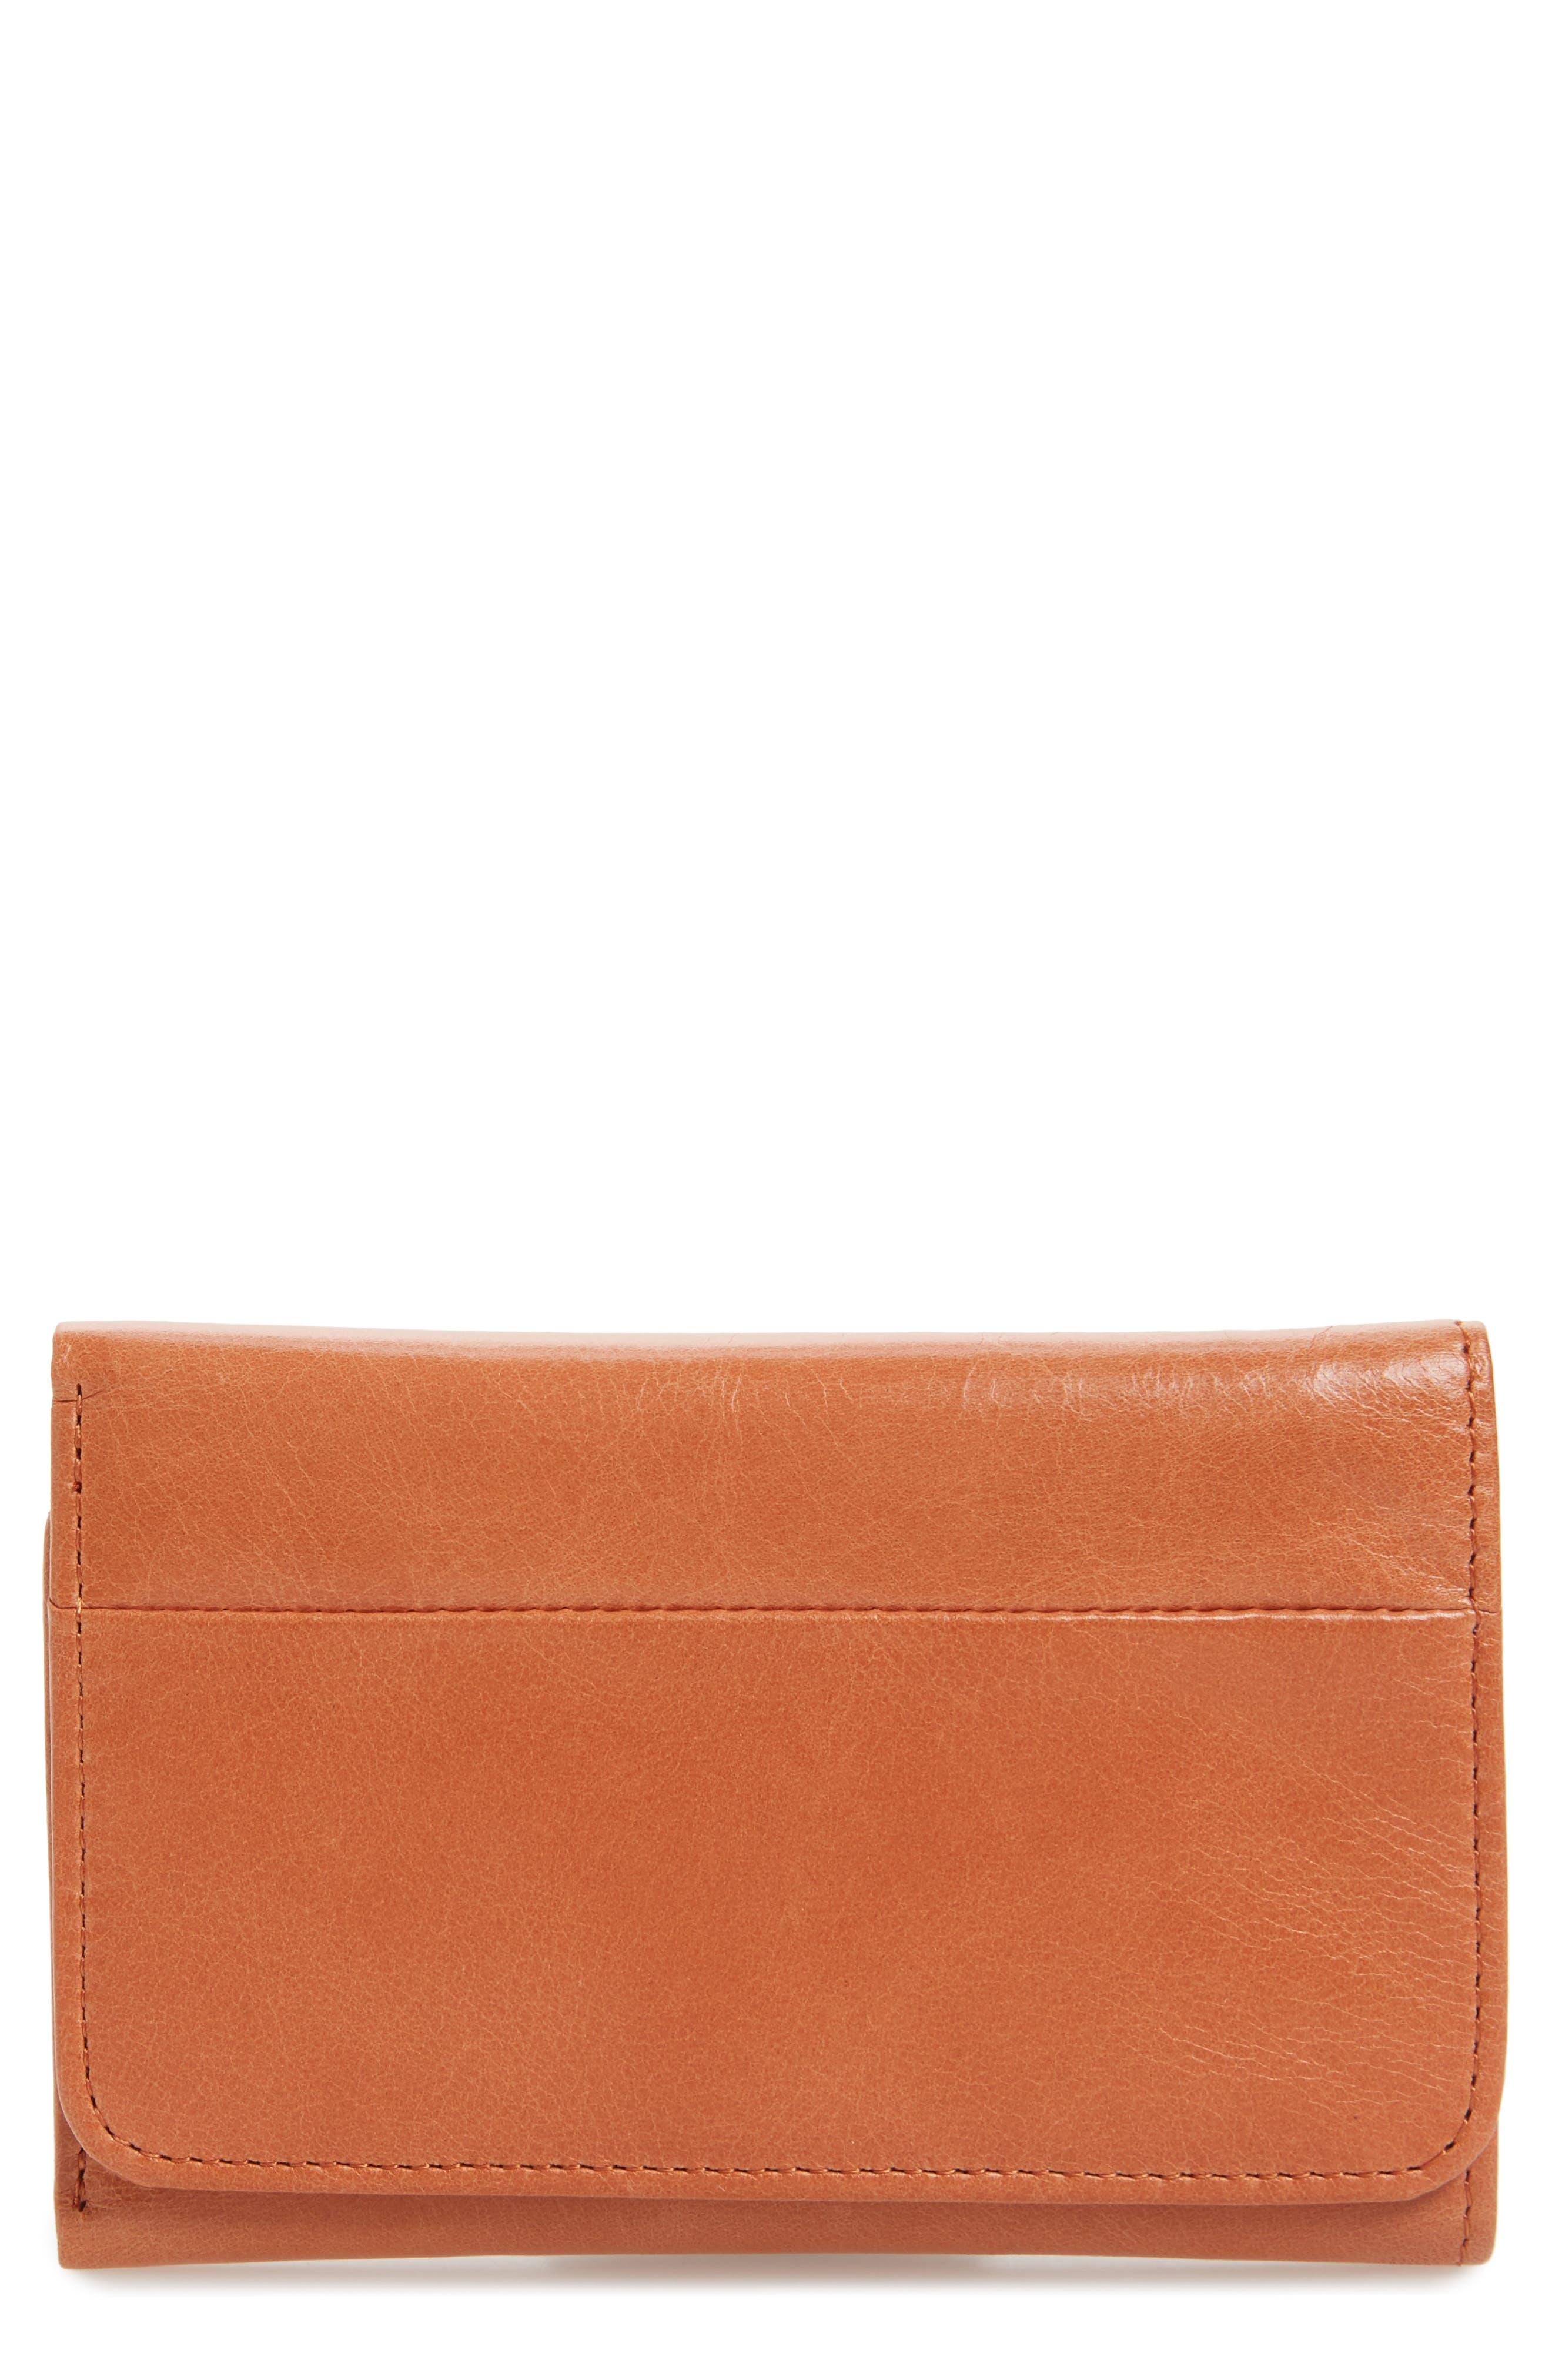 Hobo 'Jill' Trifold Wallet